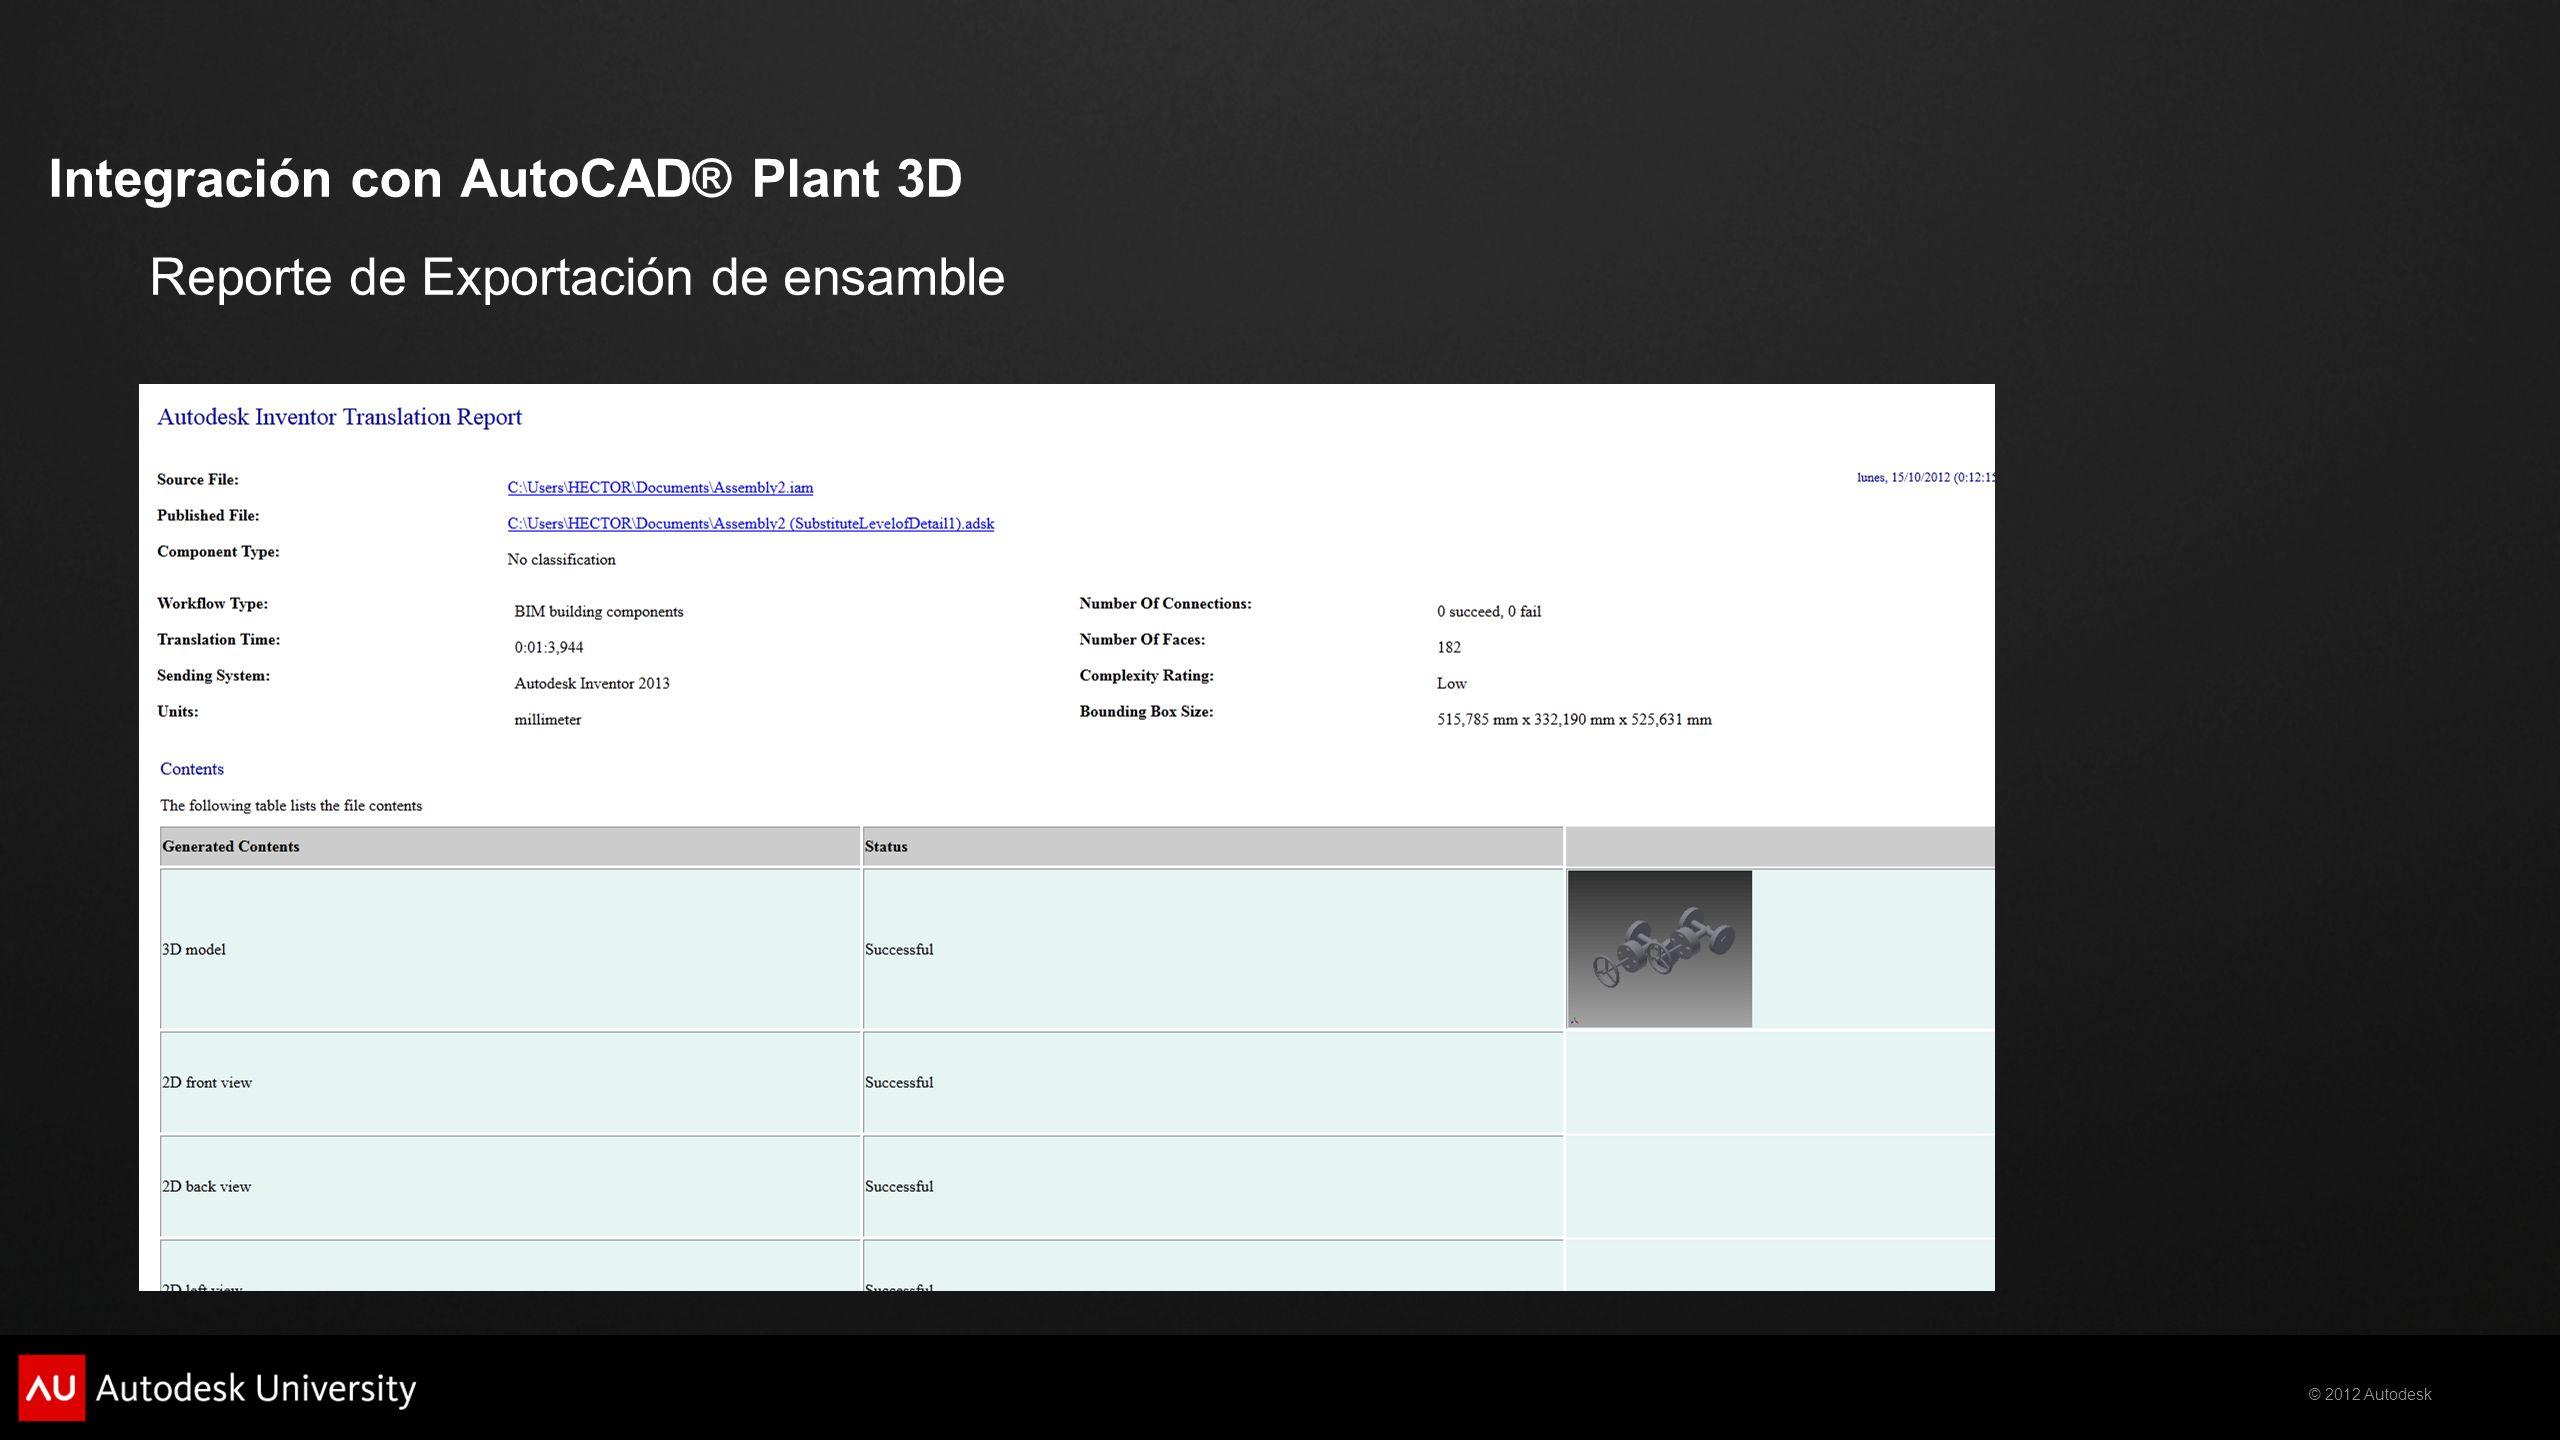 Integración con AutoCAD® Plant 3D